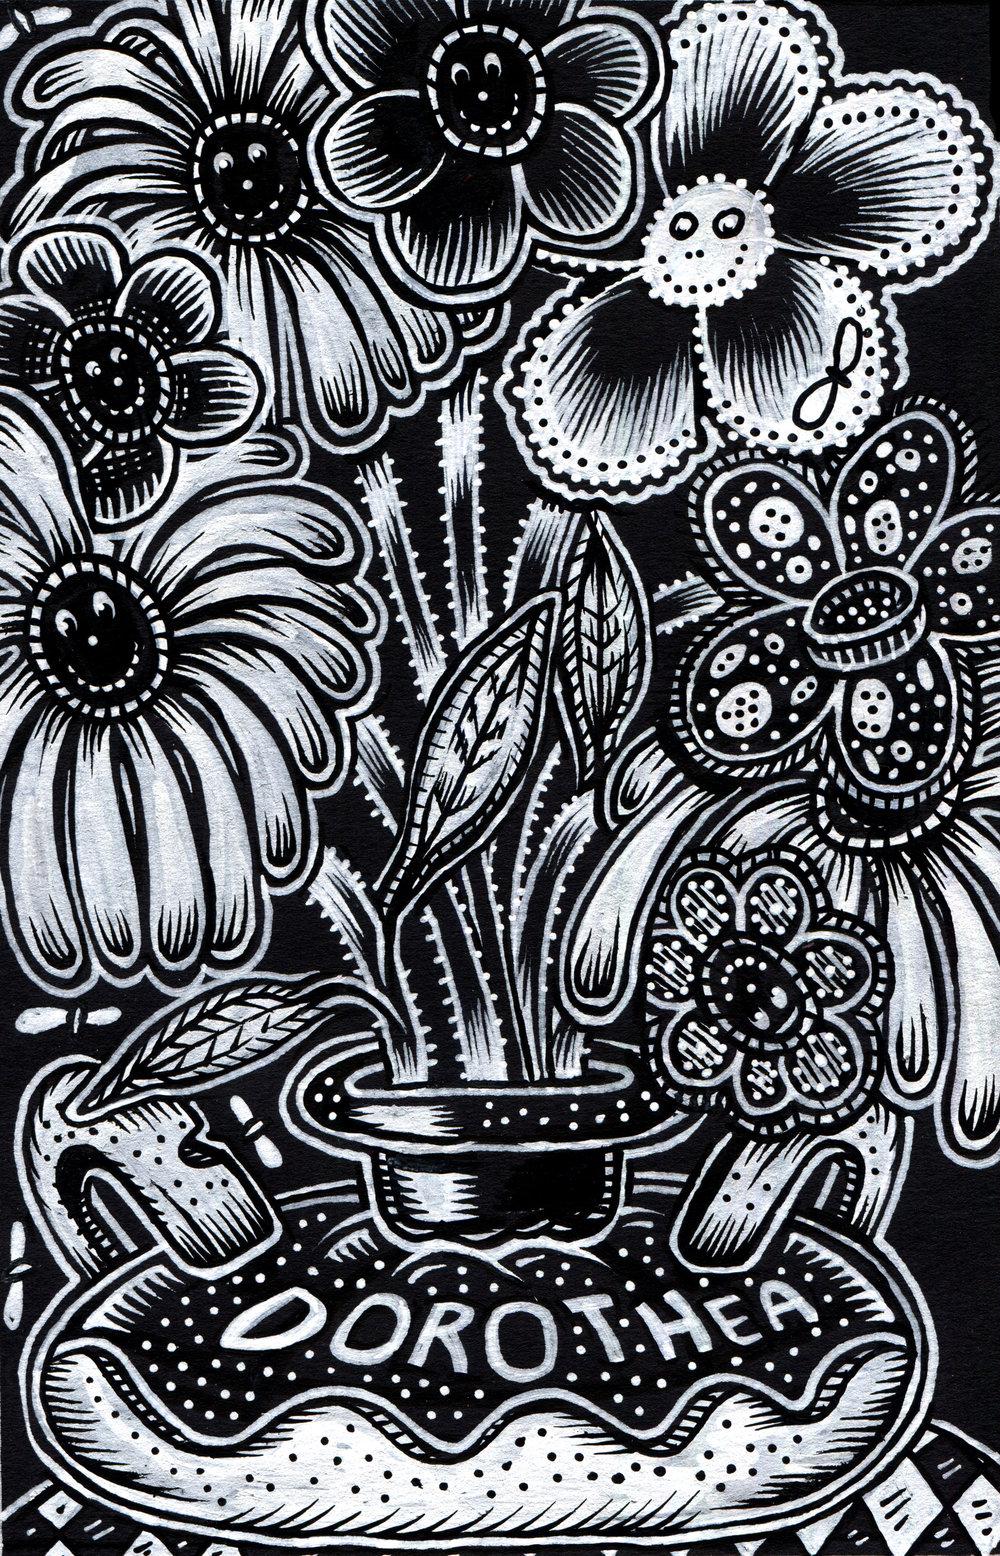 Dorothea (Flowers)